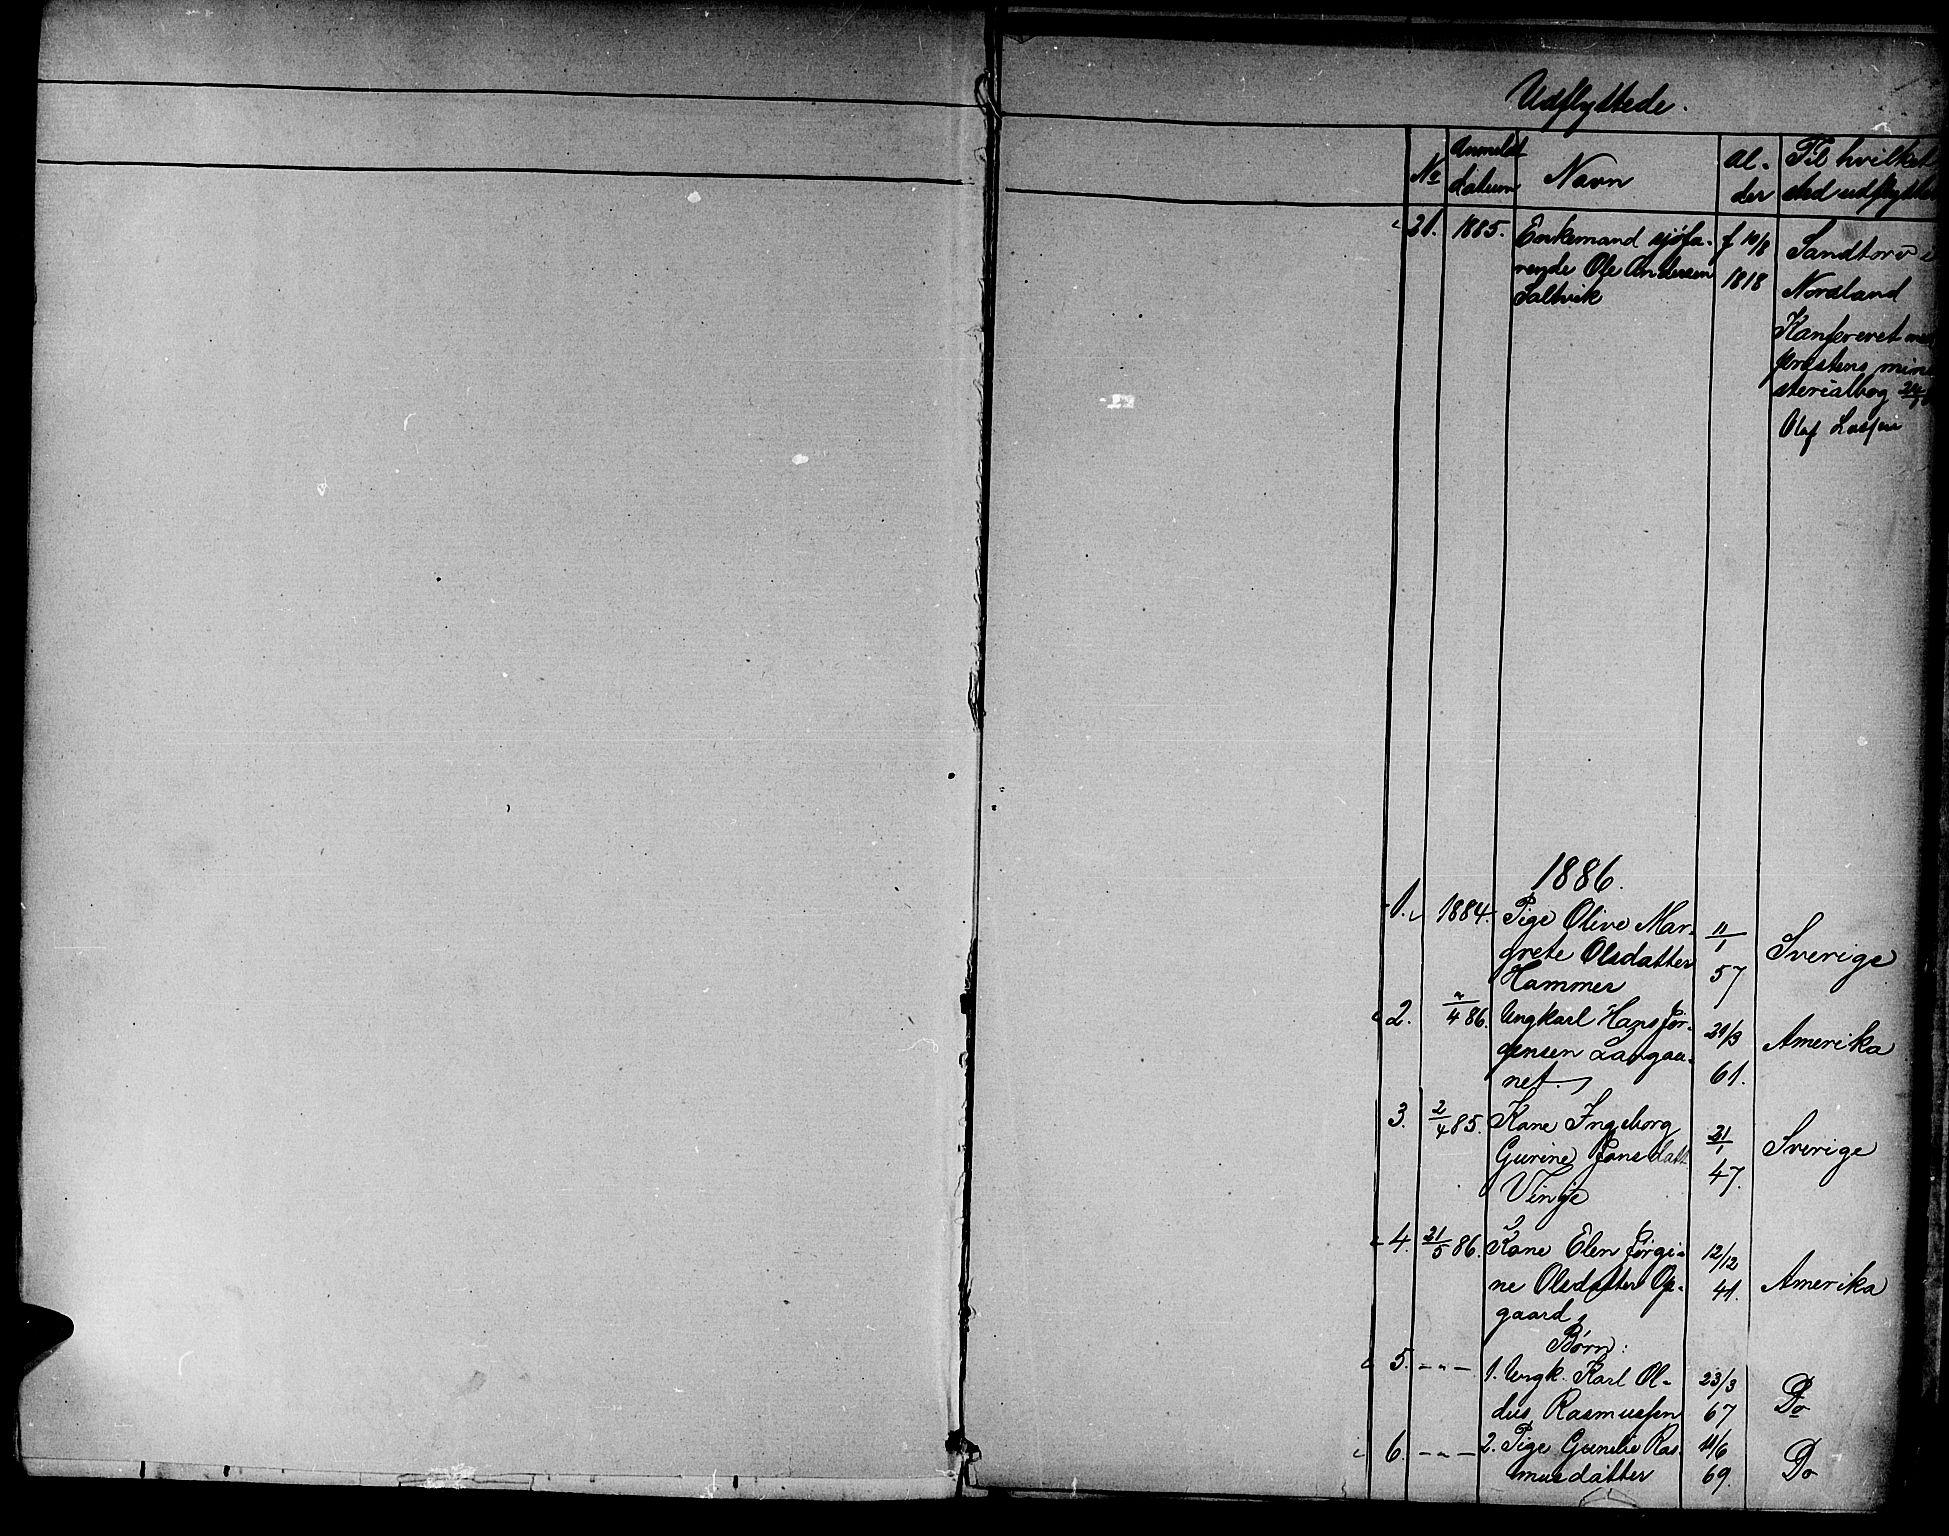 SAT, Ministerialprotokoller, klokkerbøker og fødselsregistre - Nord-Trøndelag, 733/L0326: Klokkerbok nr. 733C01, 1871-1887, s. 194